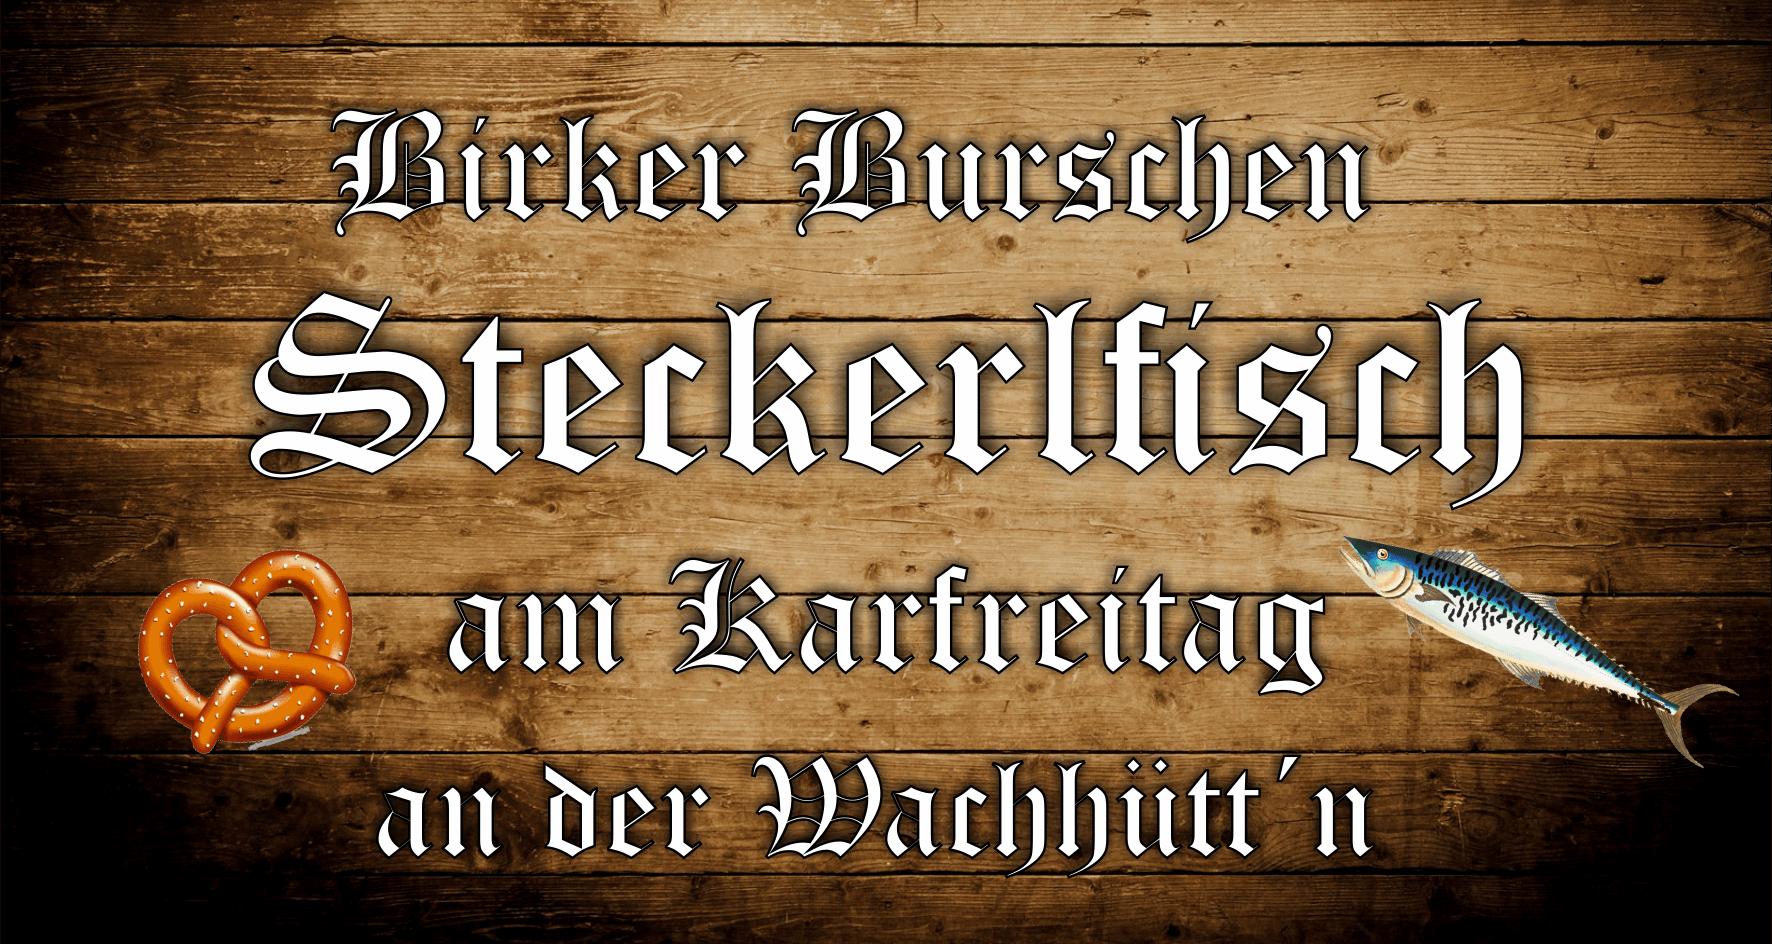 Steckerfisch-Karfreitag